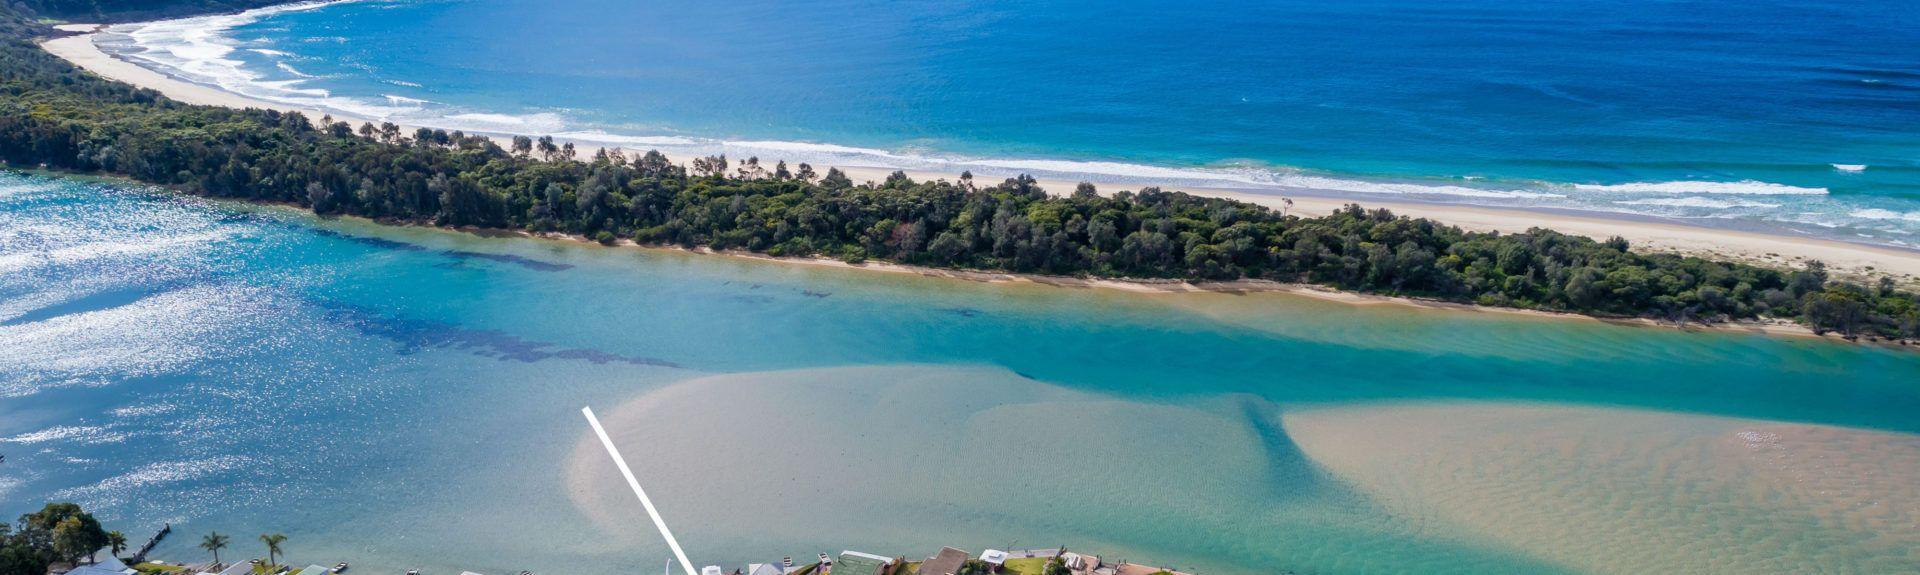 Wollongong North Beach, Wollongong, New South Wales, Australia